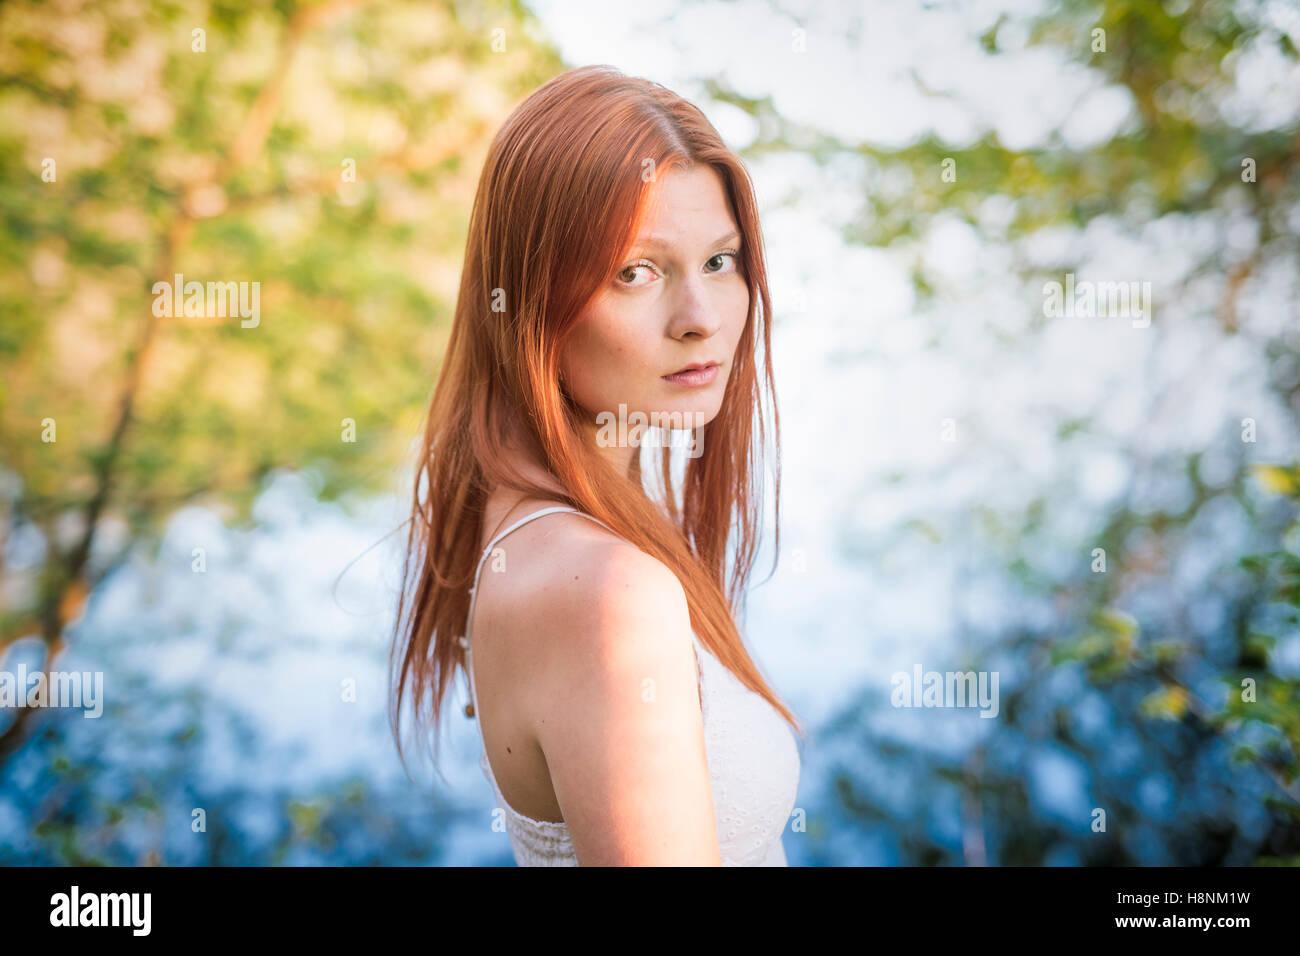 Ritratto di giovane donna in foresta Immagini Stock